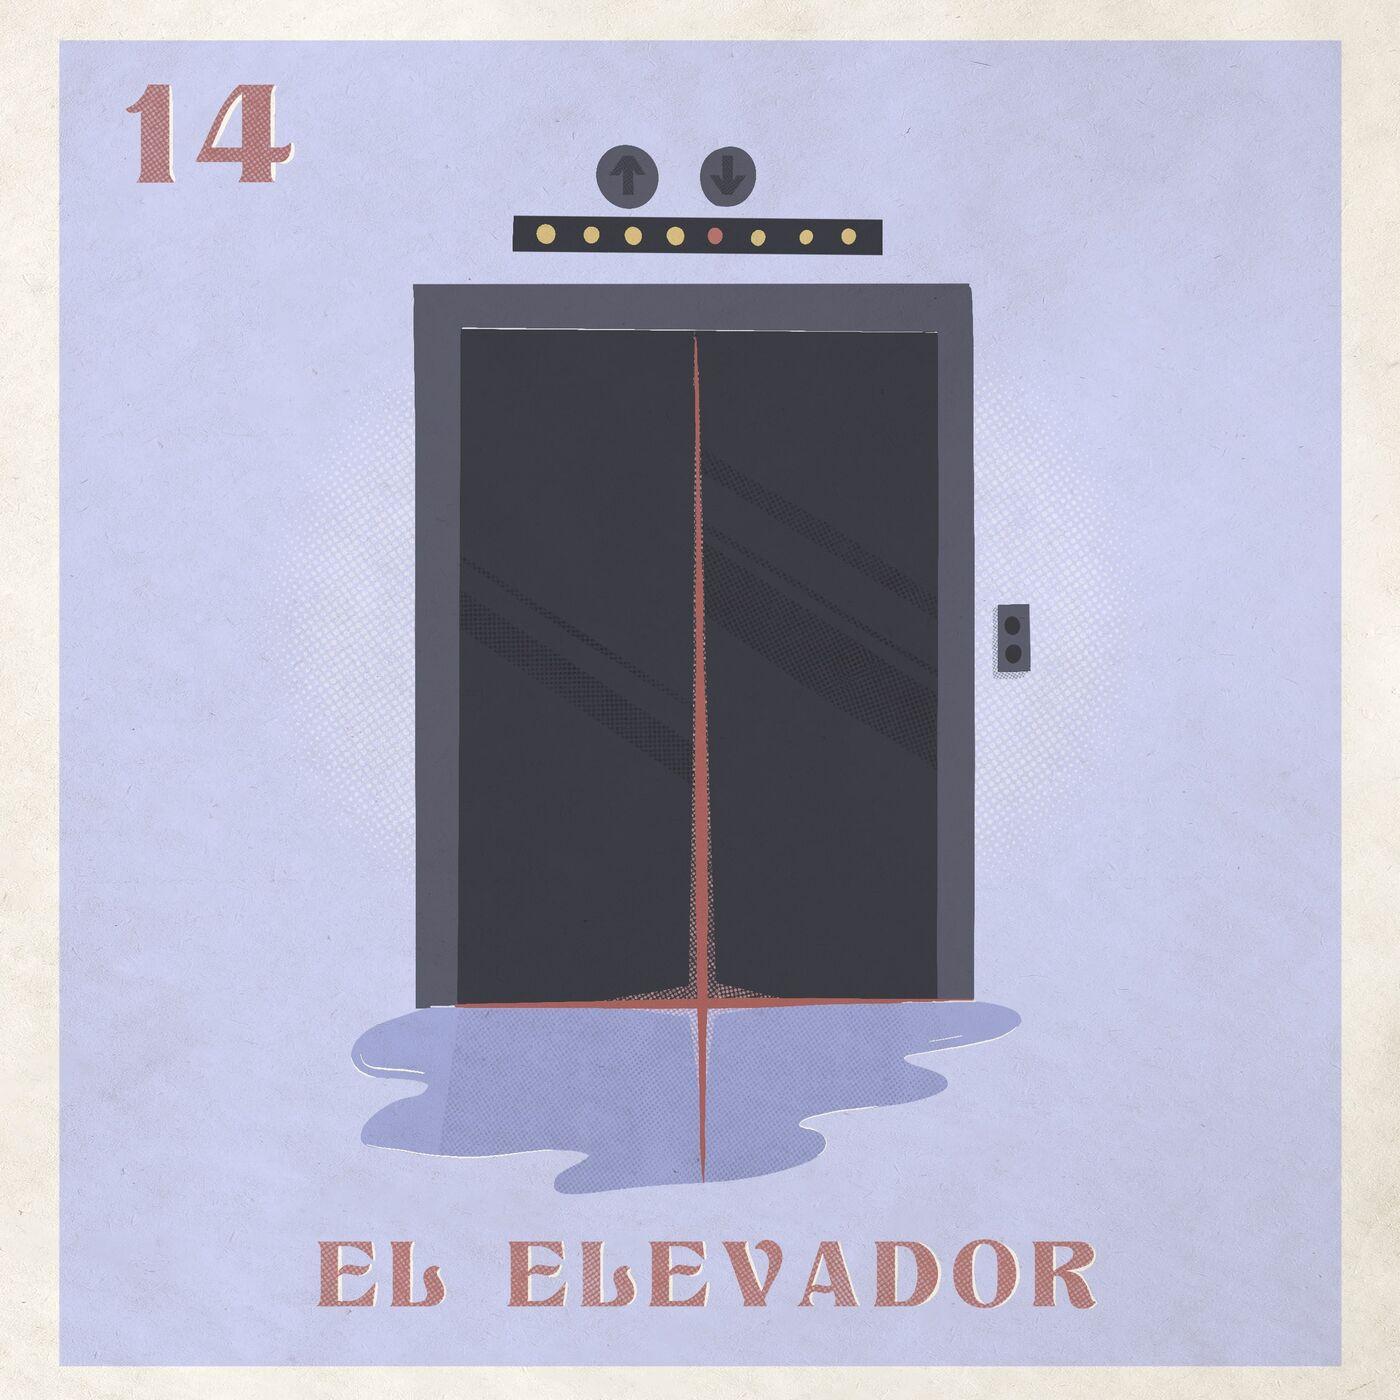 EL ELEVADOR: Elisa Lam, descenso al infierno, o ascenso a otra dimensión?